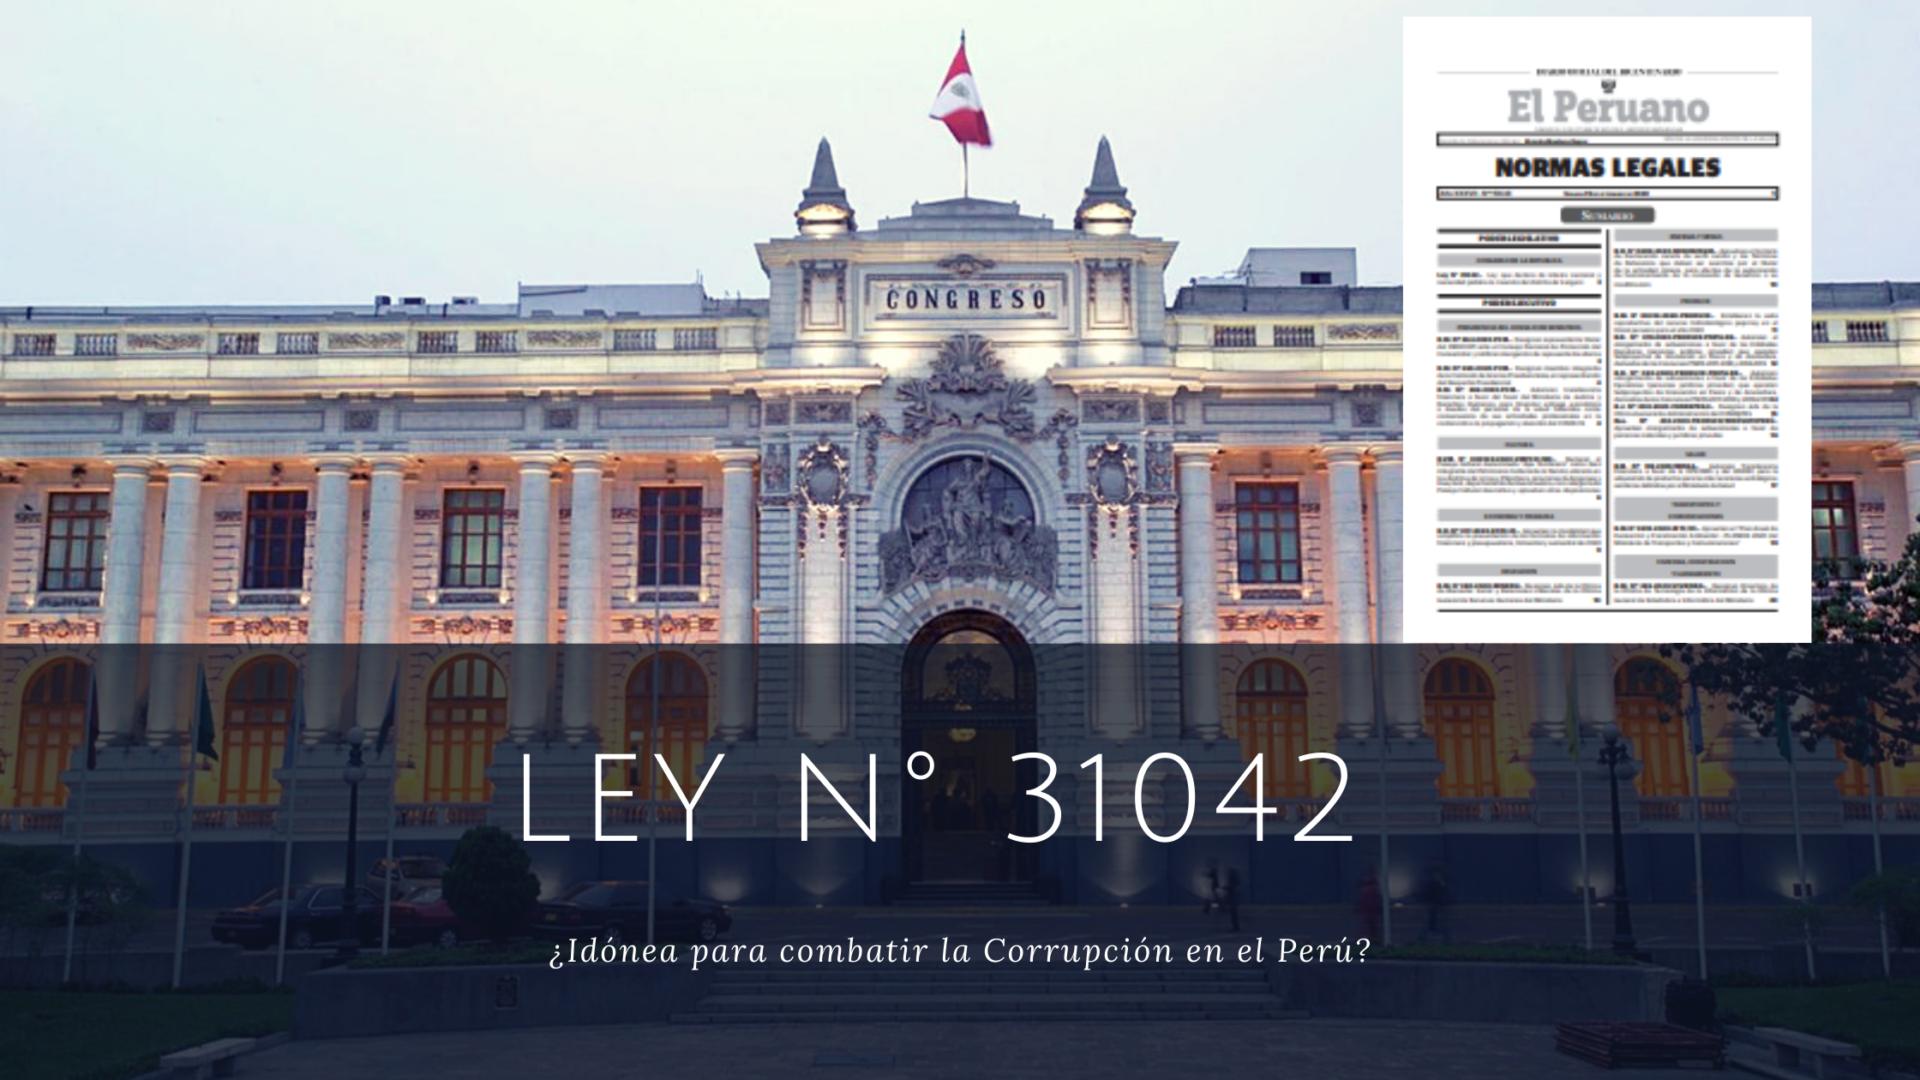 ¿La aprobación de la Ley N° 31042 es idónea para combatir la Corrupción en el Perú?